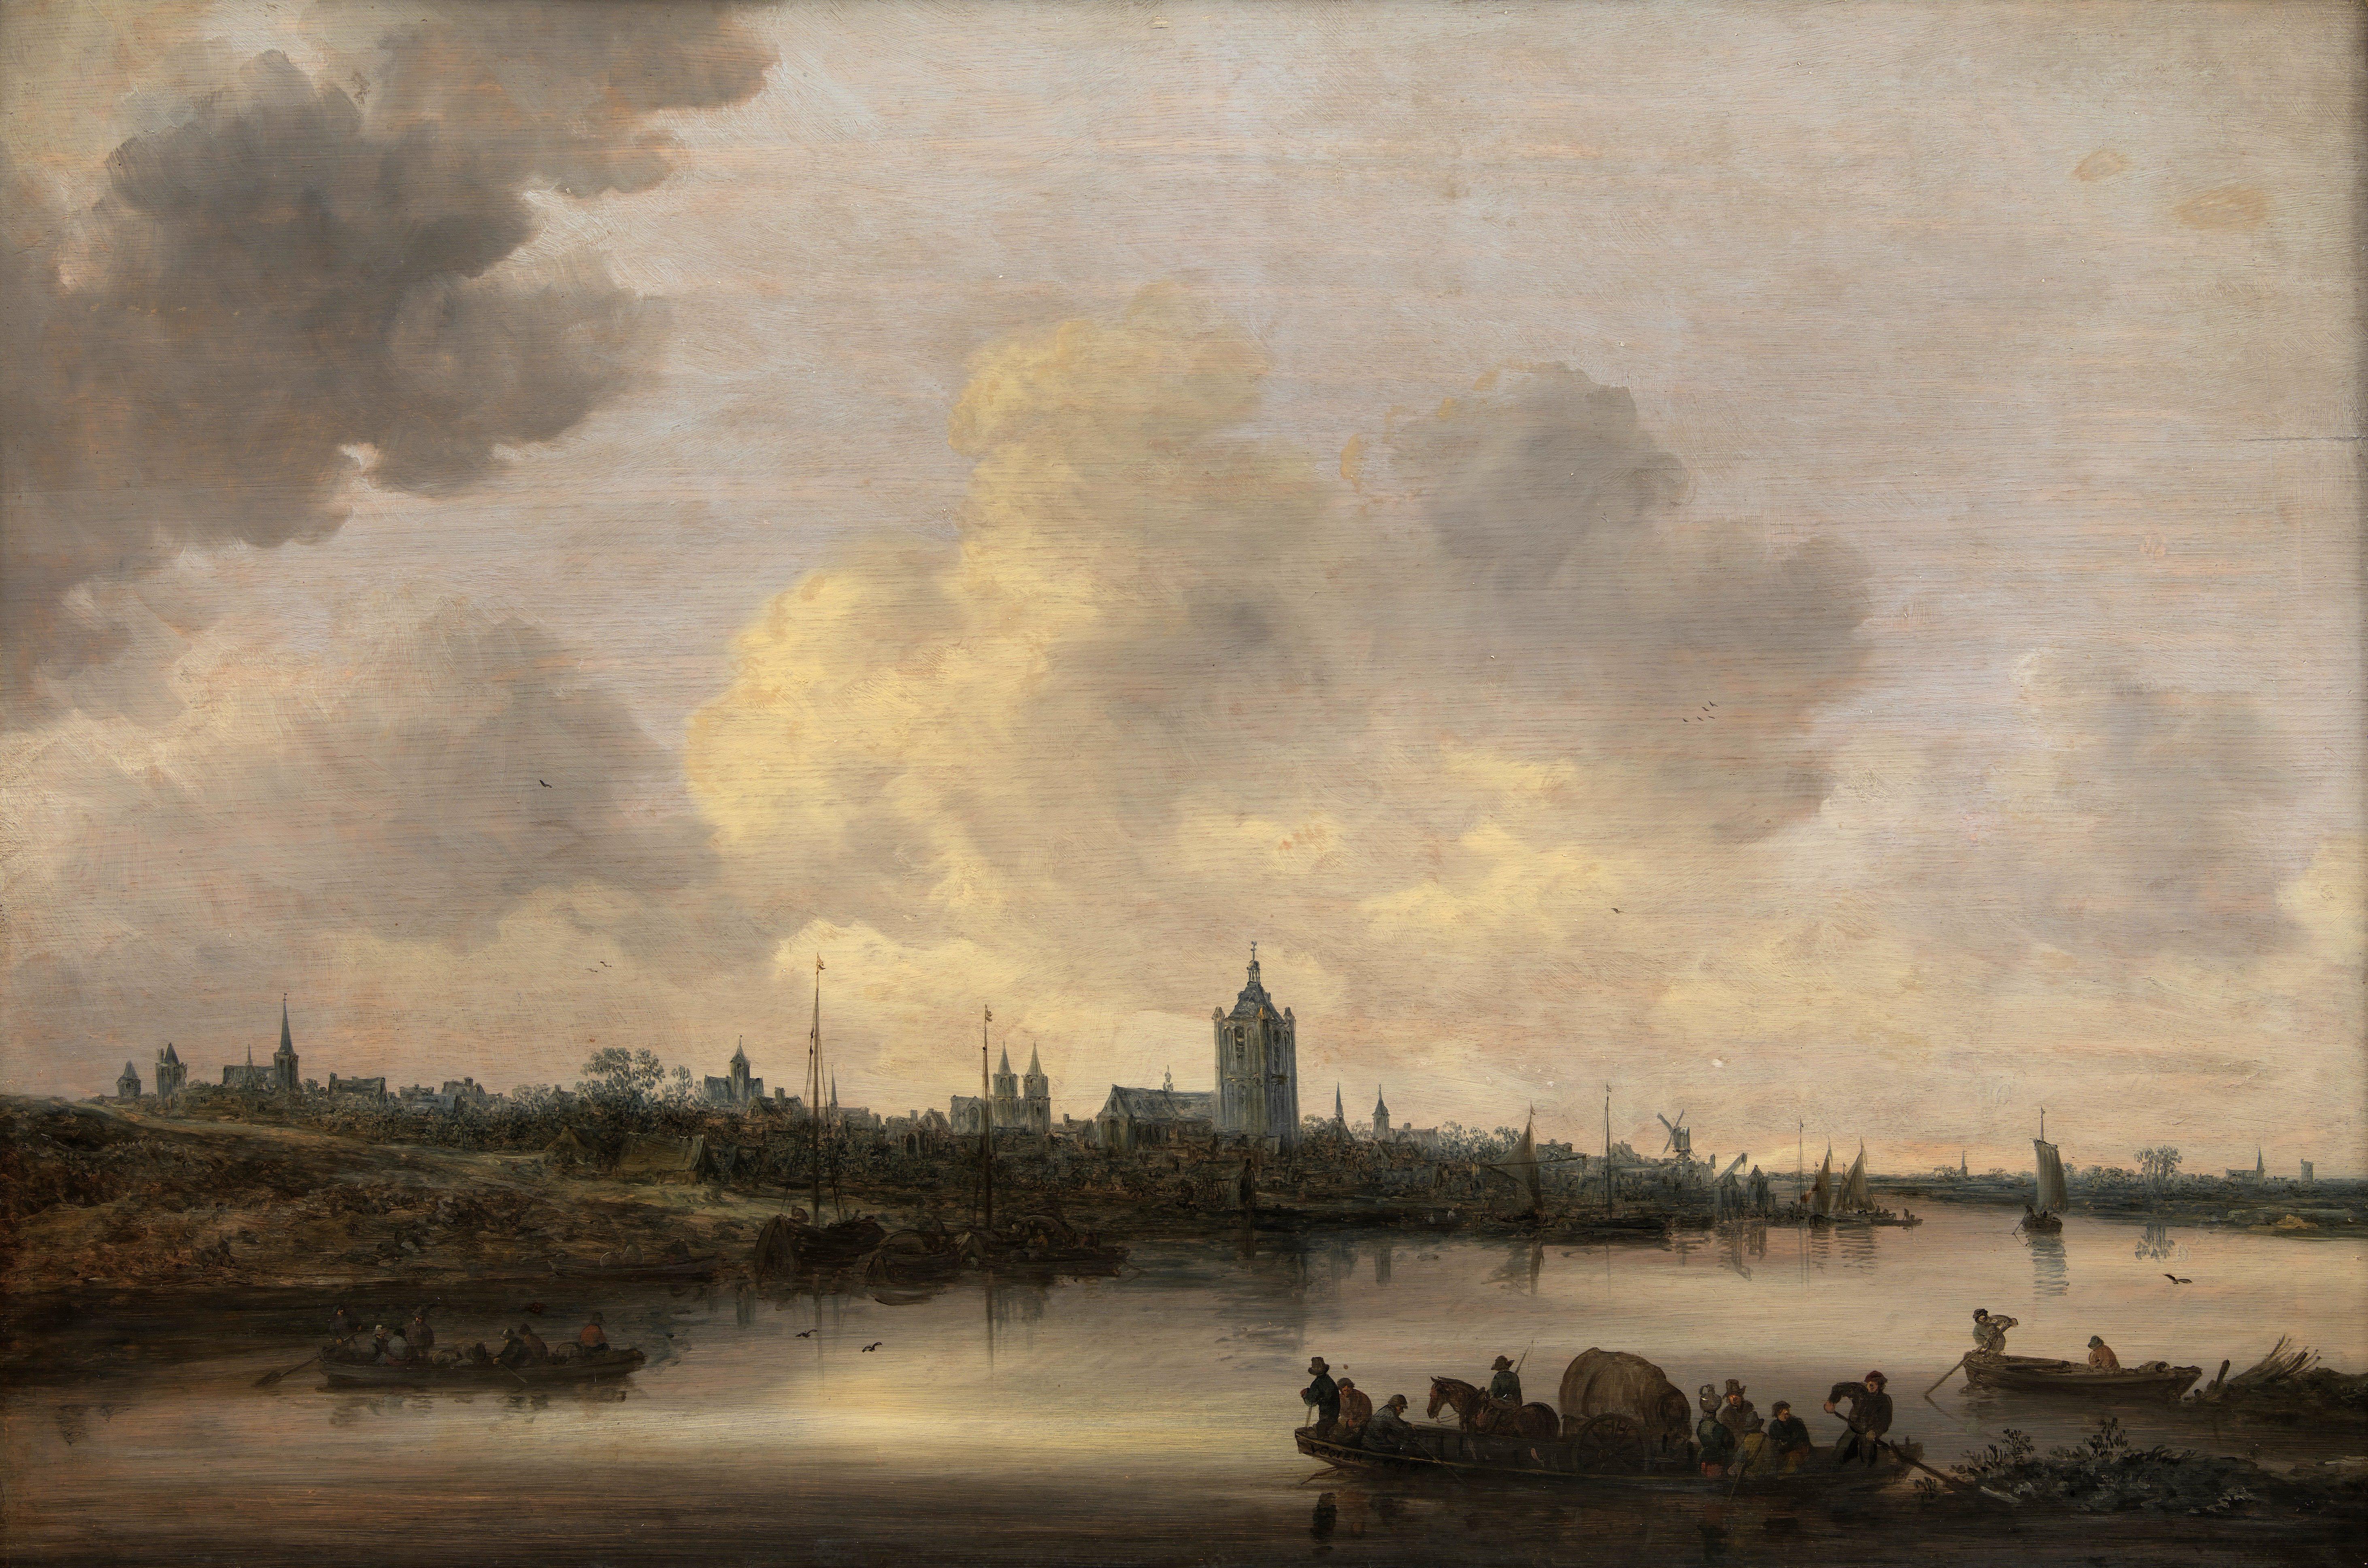 Гойен, Ян ван (1596-1656) - Пейзаж с видом на Арнем 1646. Копенгаген, Датская национальная галерея